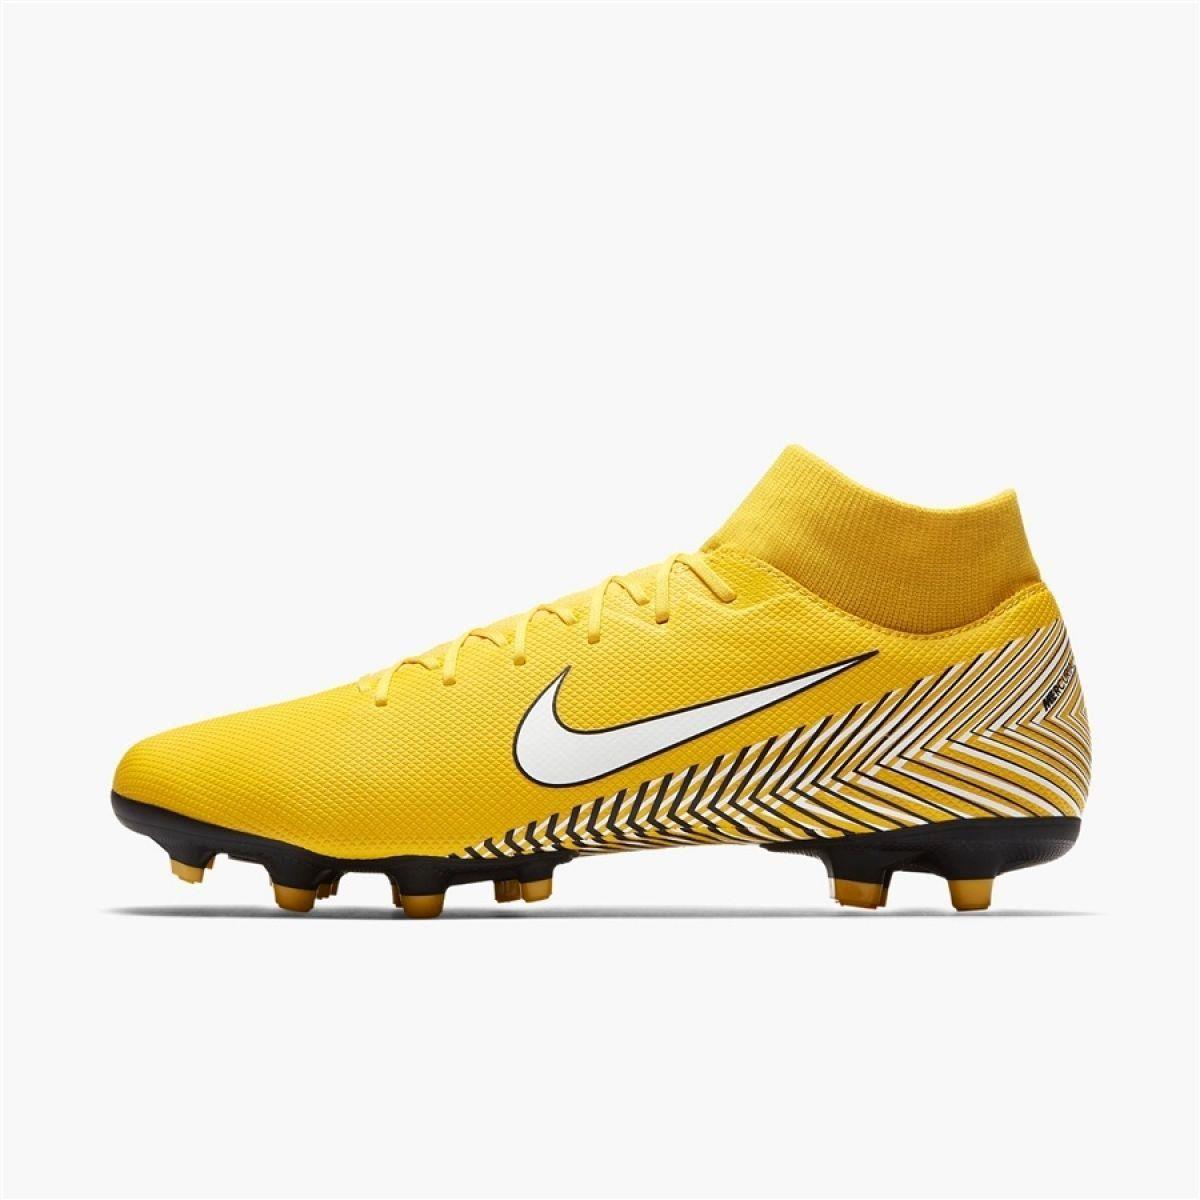 Nike Mercurial Neymar Superfly 6